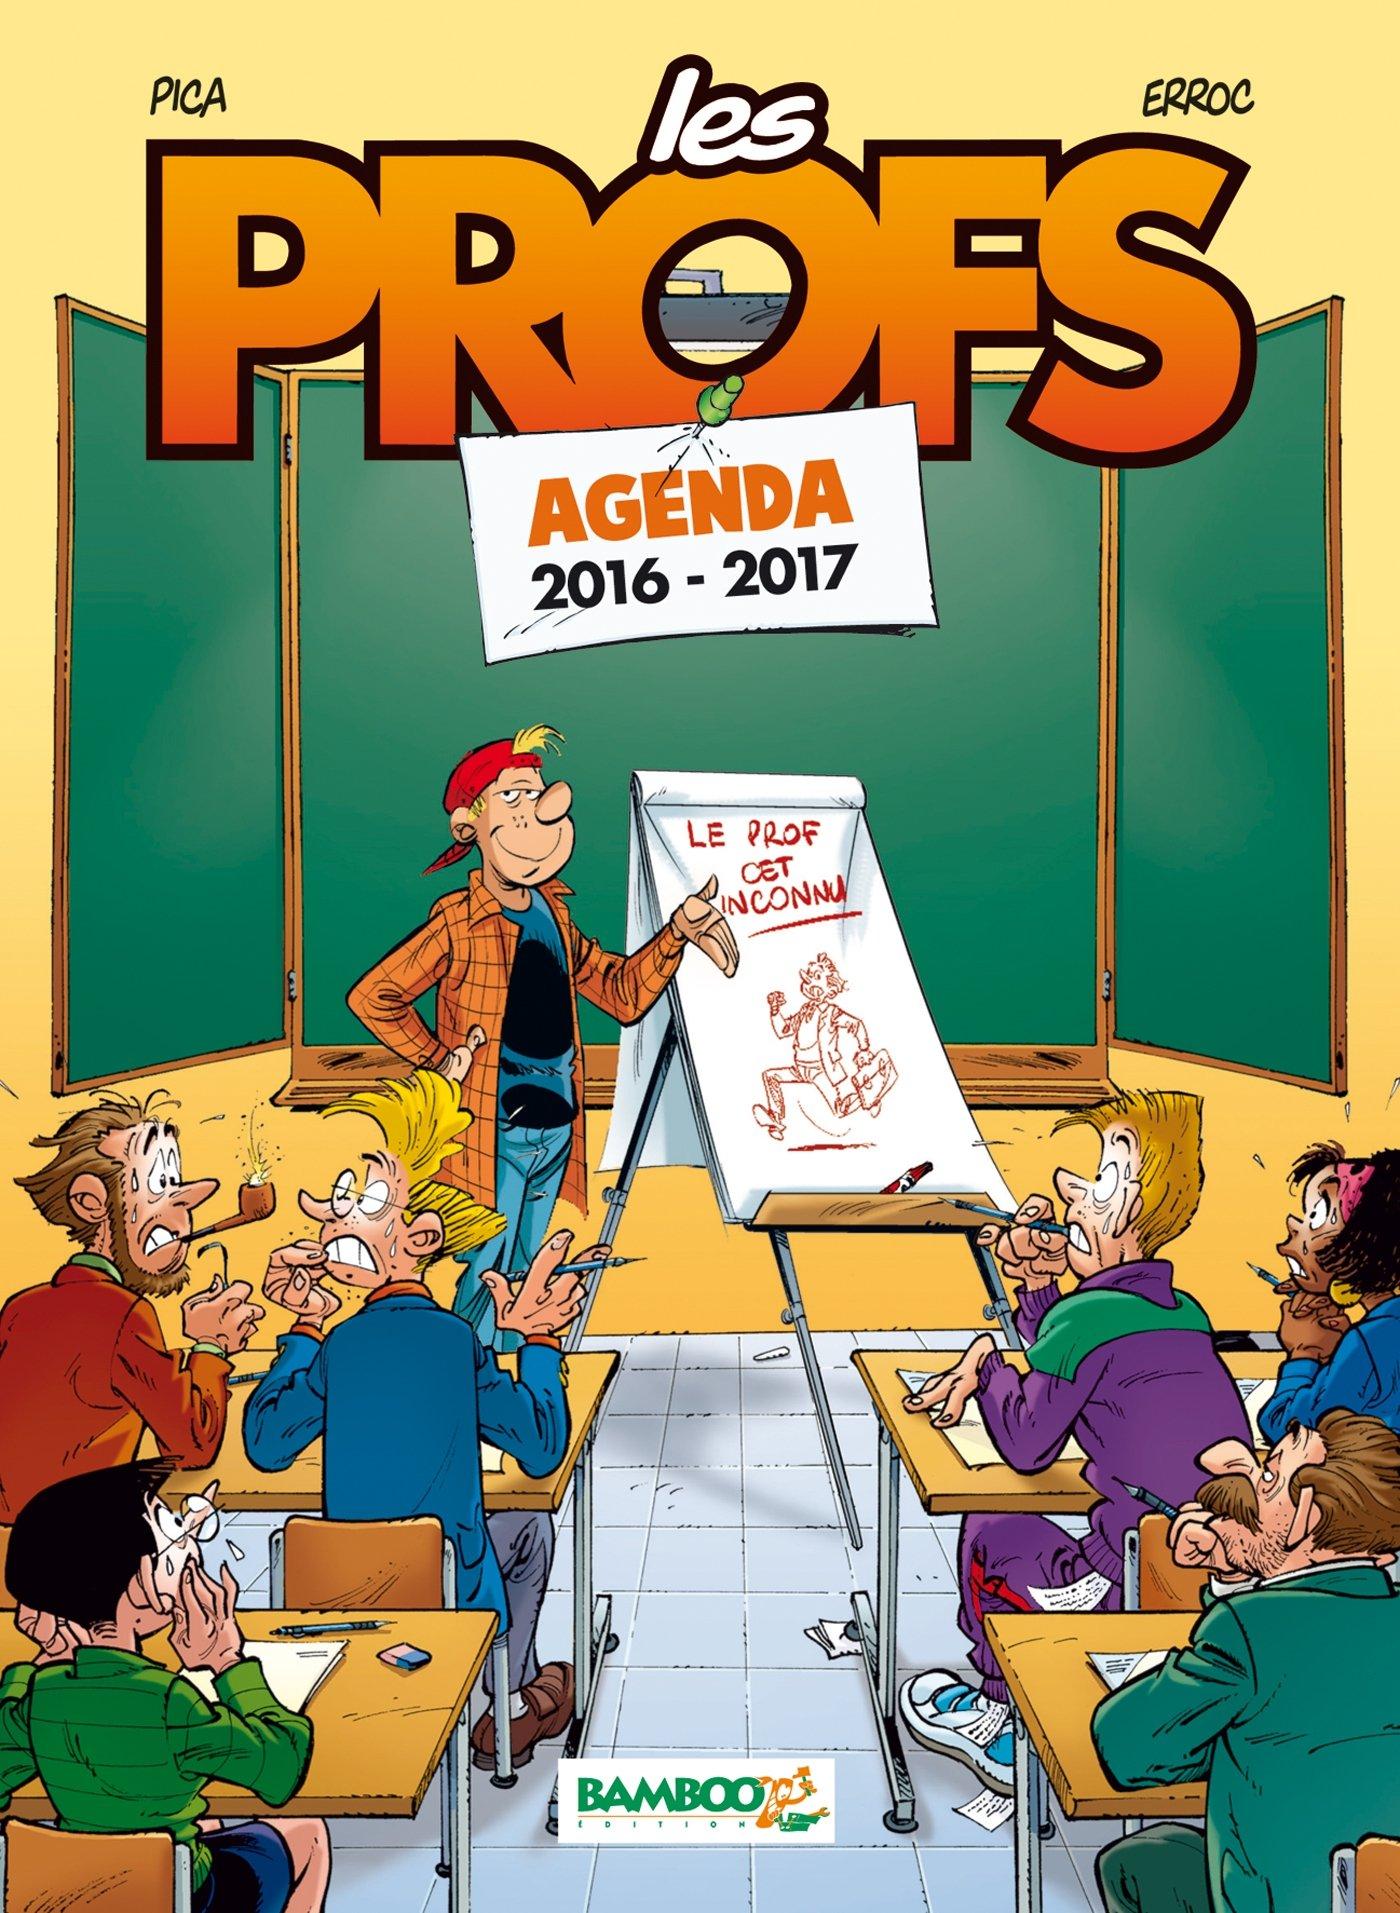 les profs agenda 2016 - 2017 (BAMB.LES PROFS): Amazon.es ...